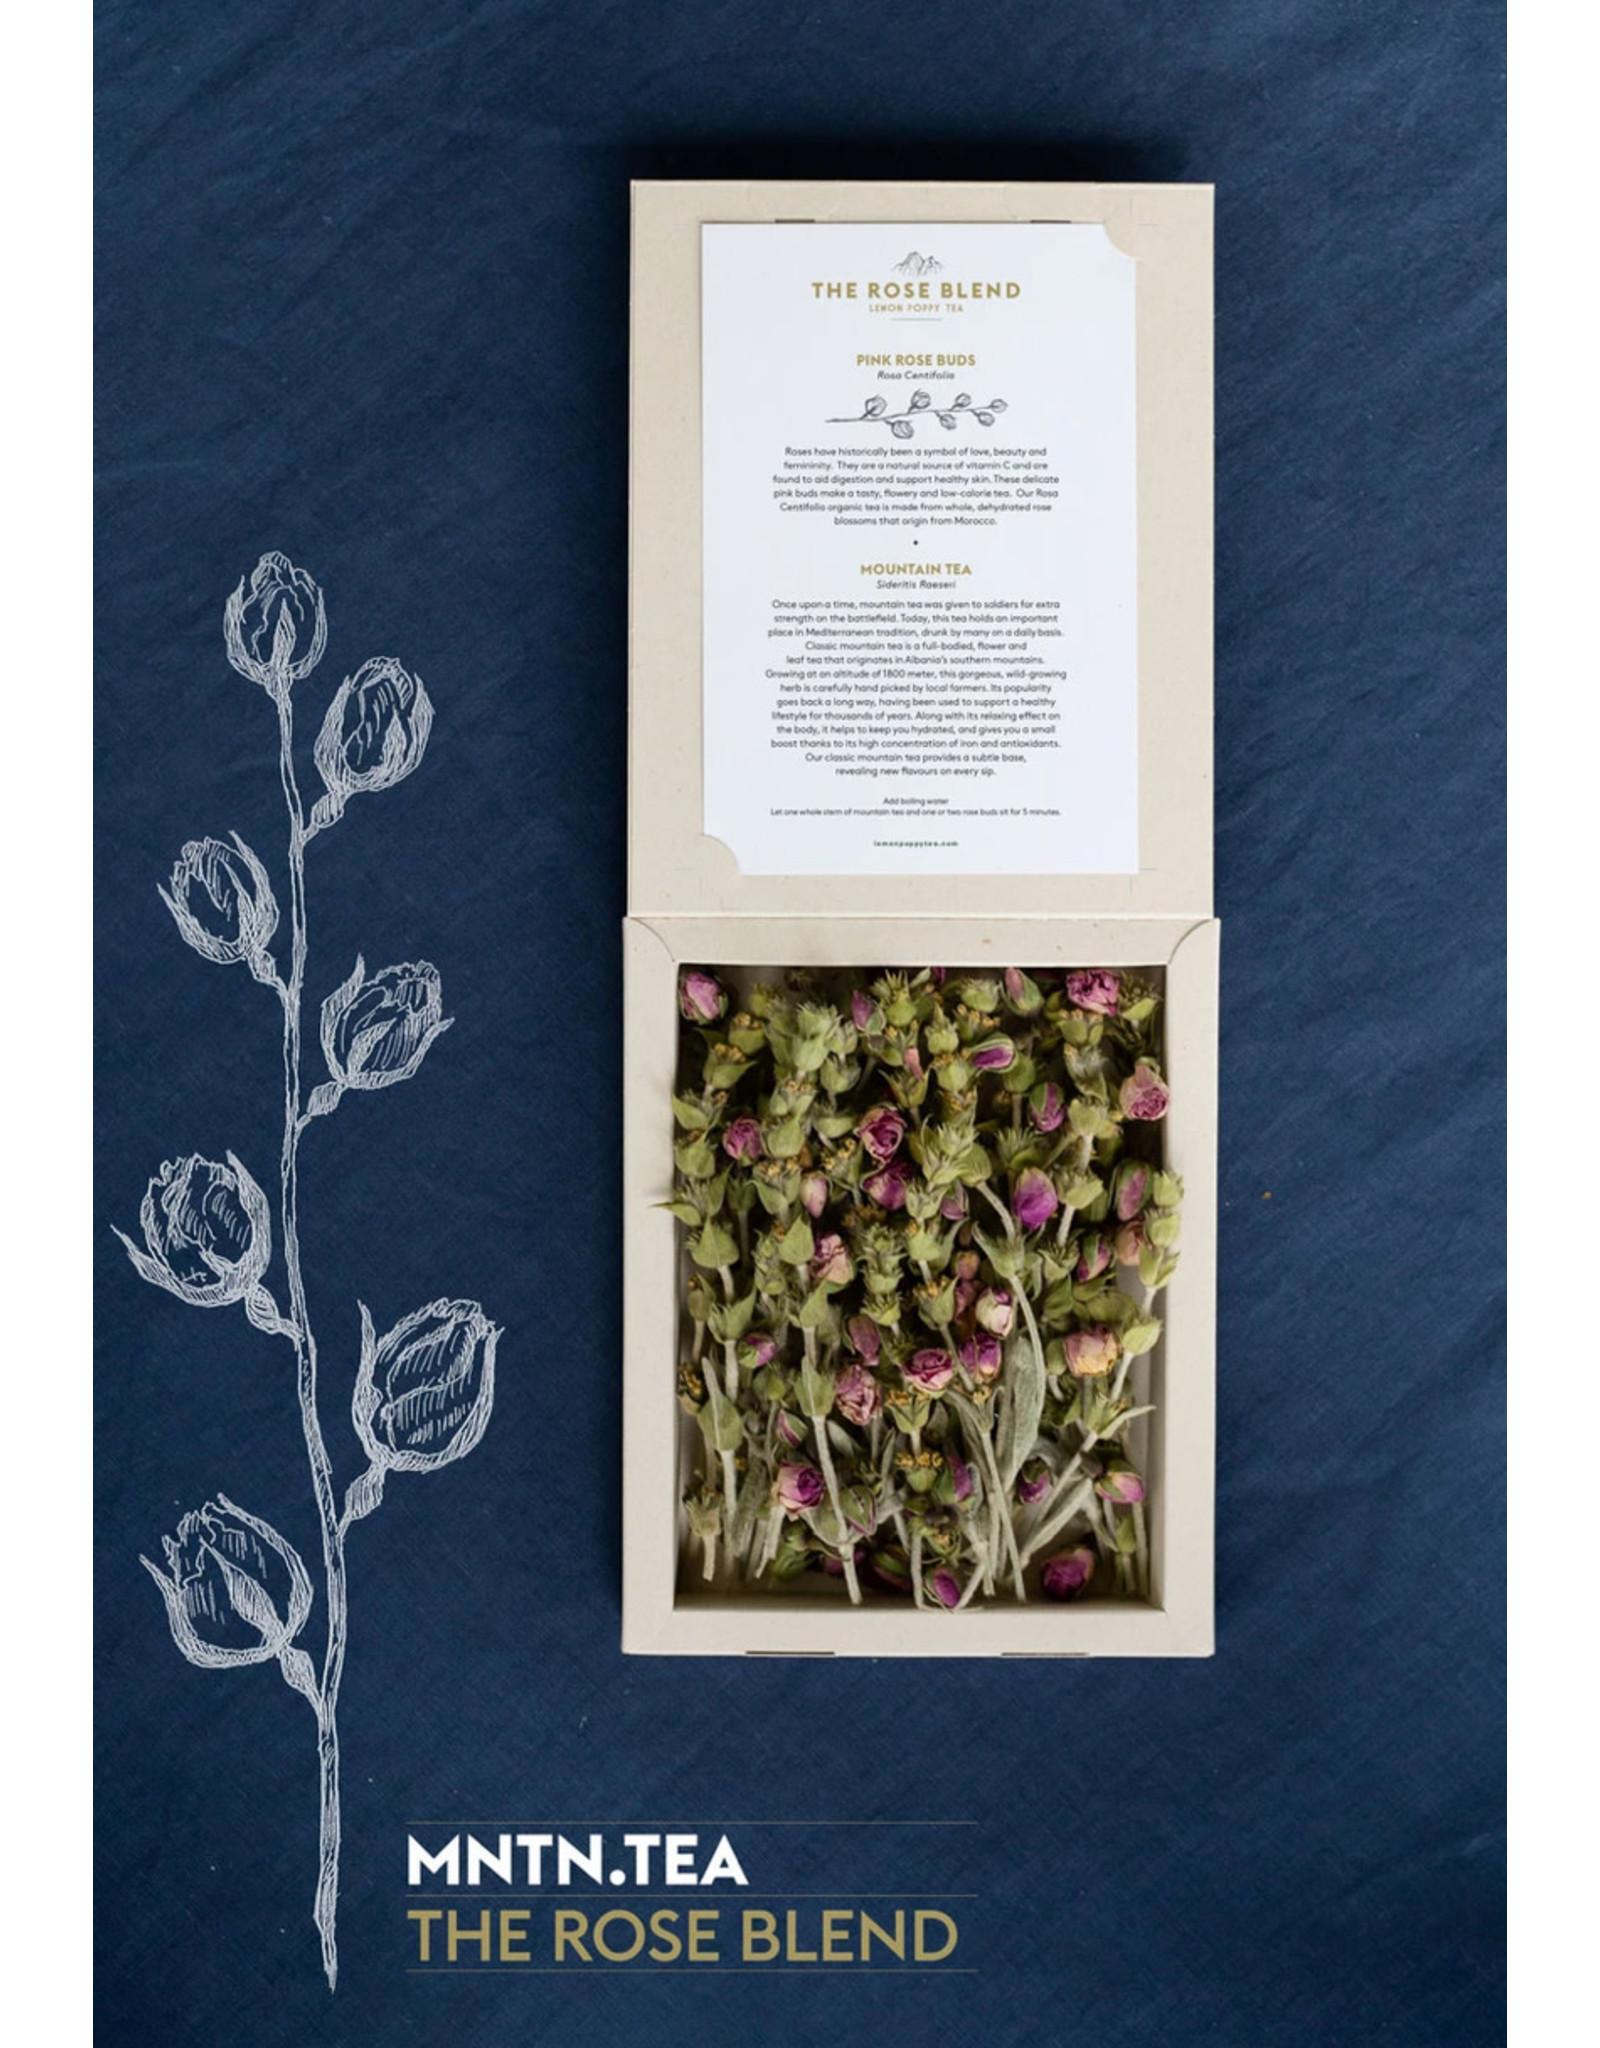 Lemon Poppy Tea Box The Rose Blend - Rozen thee en klassieke bergthee  - 20kopjes / 10 potten thee - 100% biologische in het wild groeiend kruiden- en bloementheeën uit Albanië en Marokko - 5min laten trekken - Periode van 12u tot 3x worden gebruikt